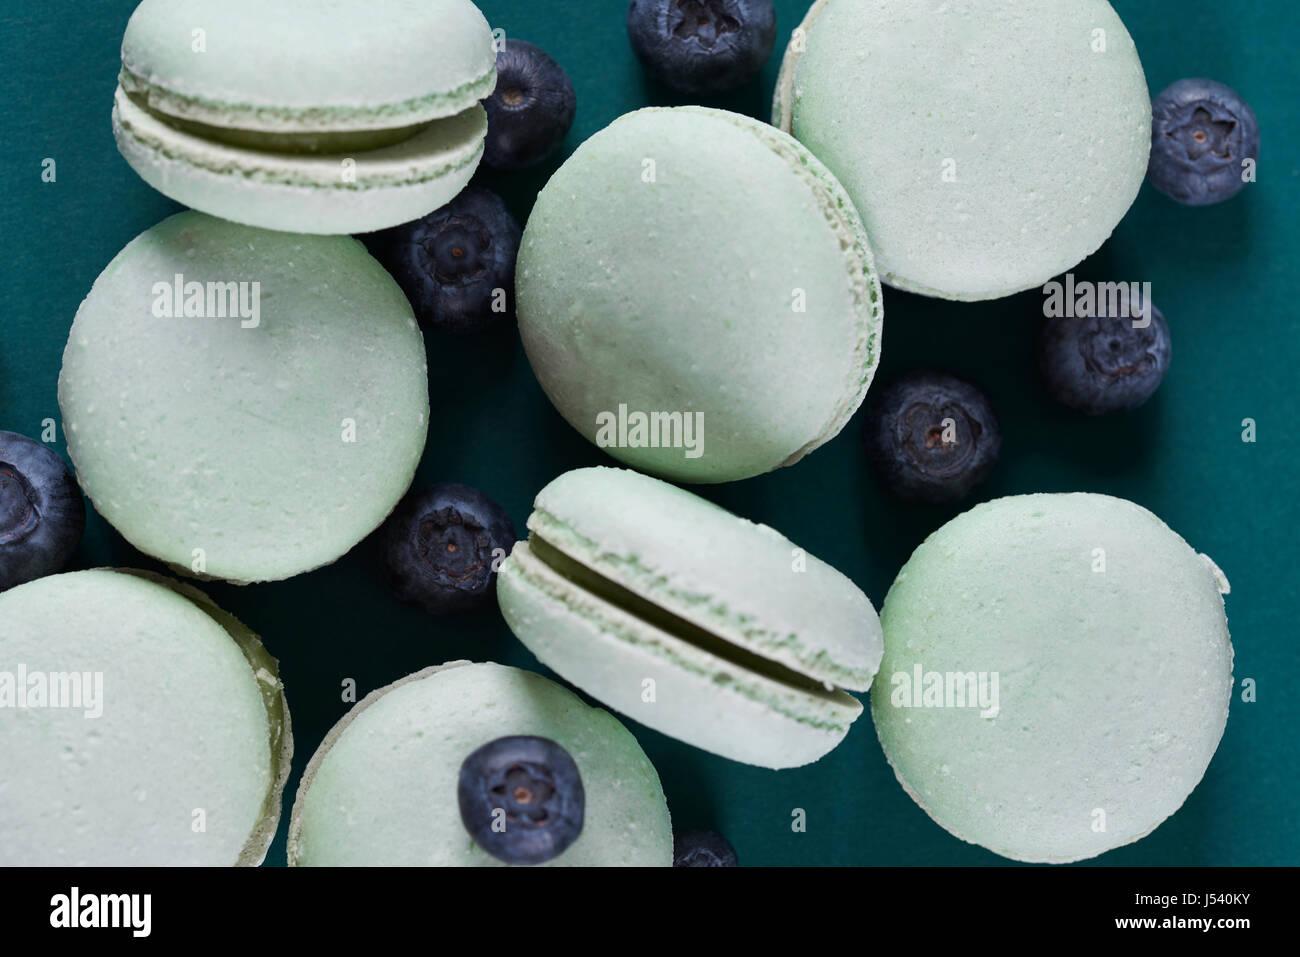 Tourné directement au-dessus des macarons à la myrtille Photo Stock